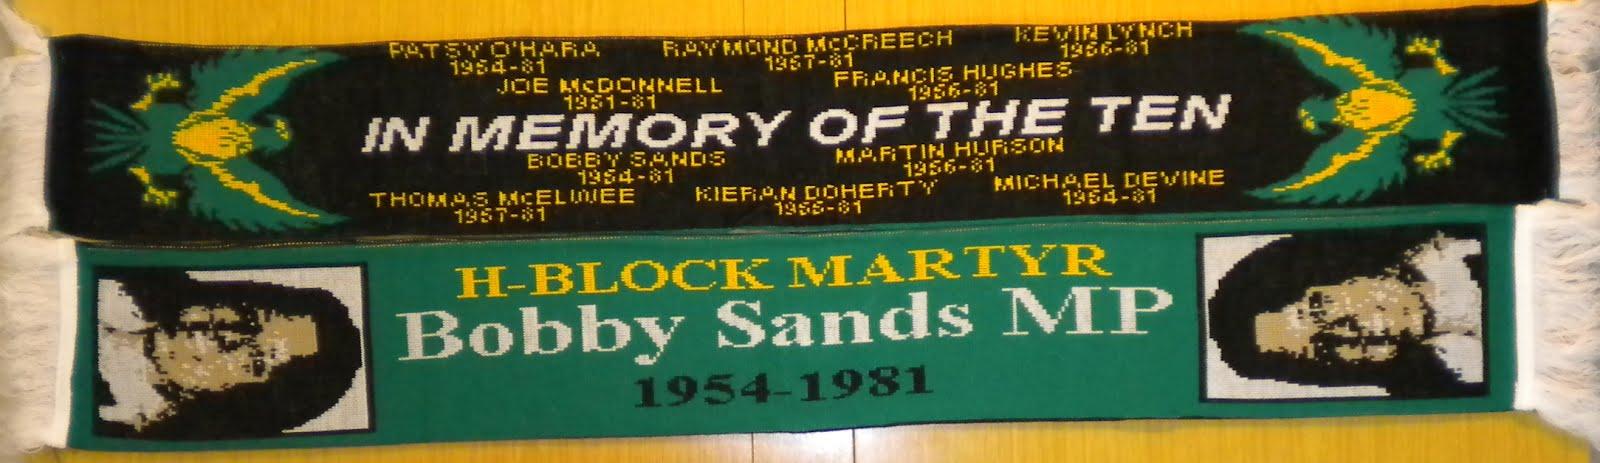 Bufanda 'Bobby Sands' y Huelguistas - 14,80€